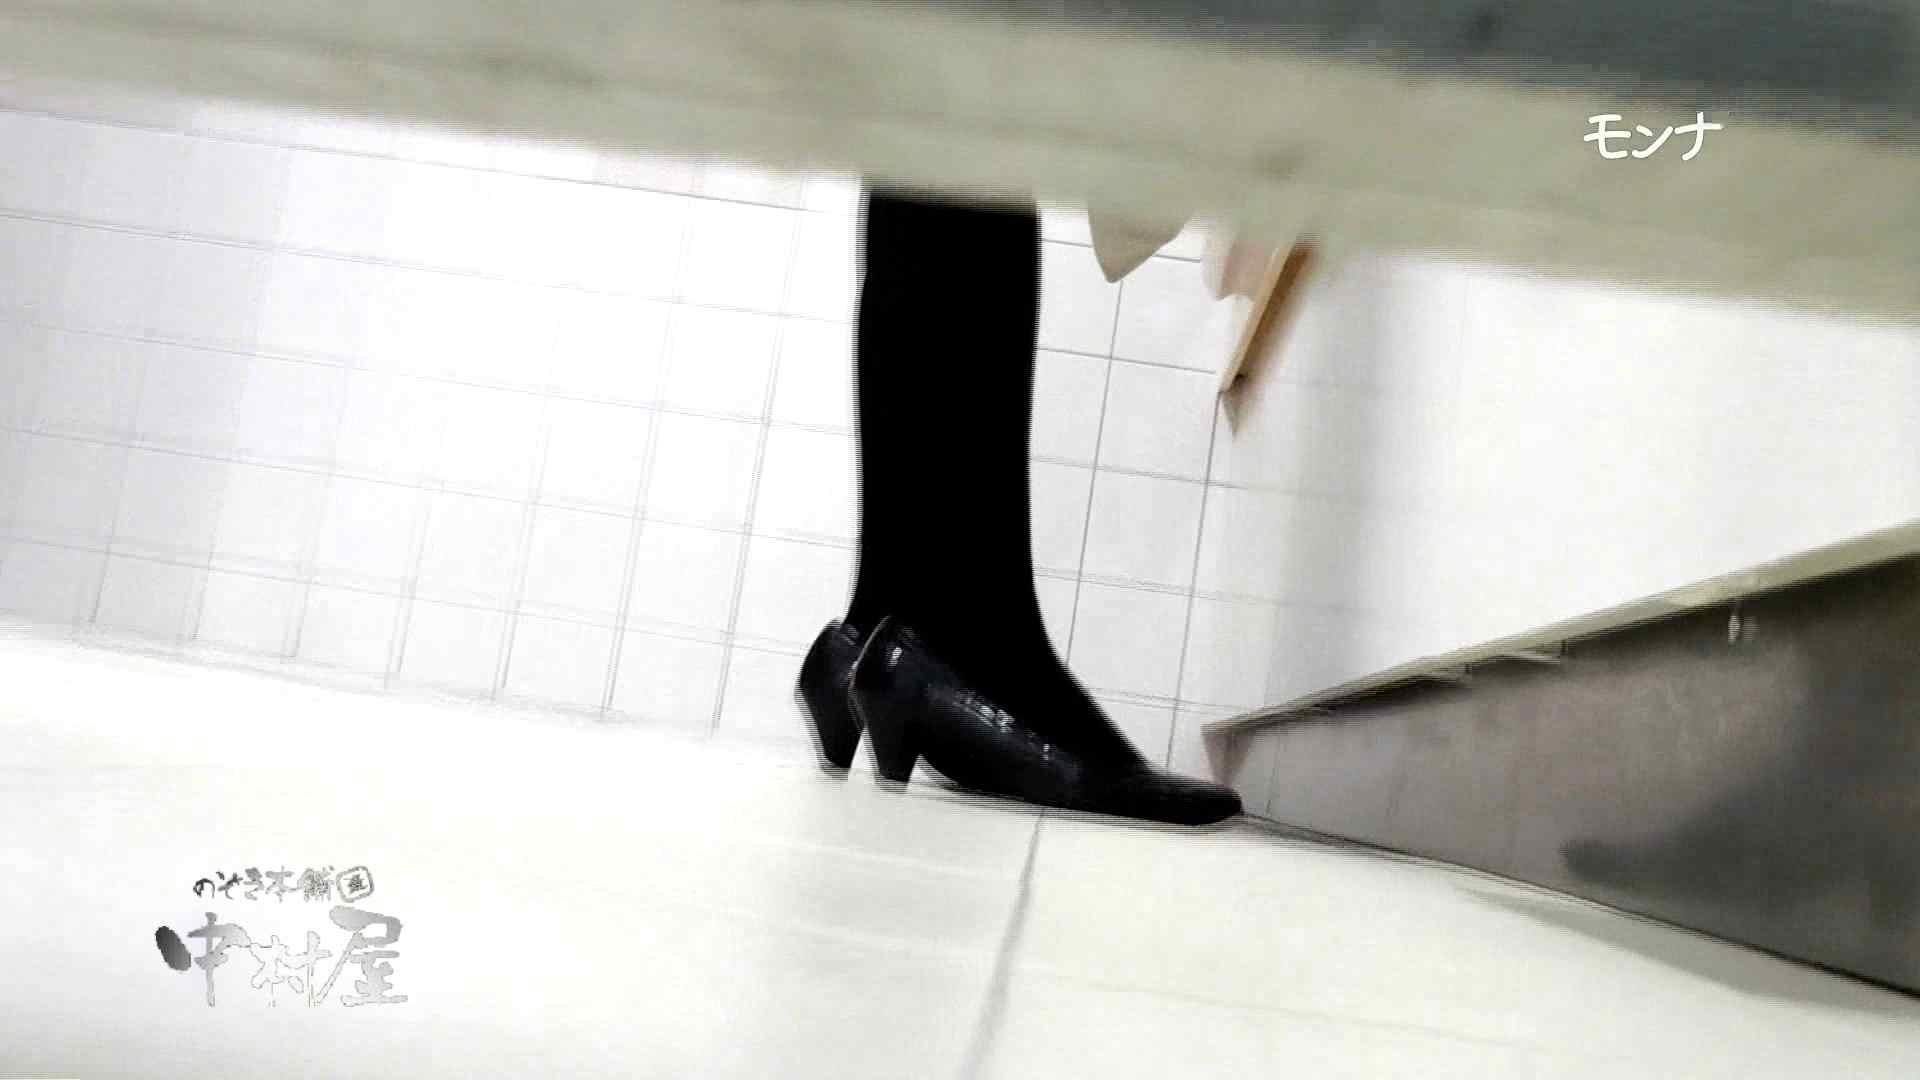 【美しい日本の未来】新学期!!下半身中心に攻めてます美女可愛い女子悪戯盗satuトイレ後編 悪戯 戯れ無修正画像 100PIX 19